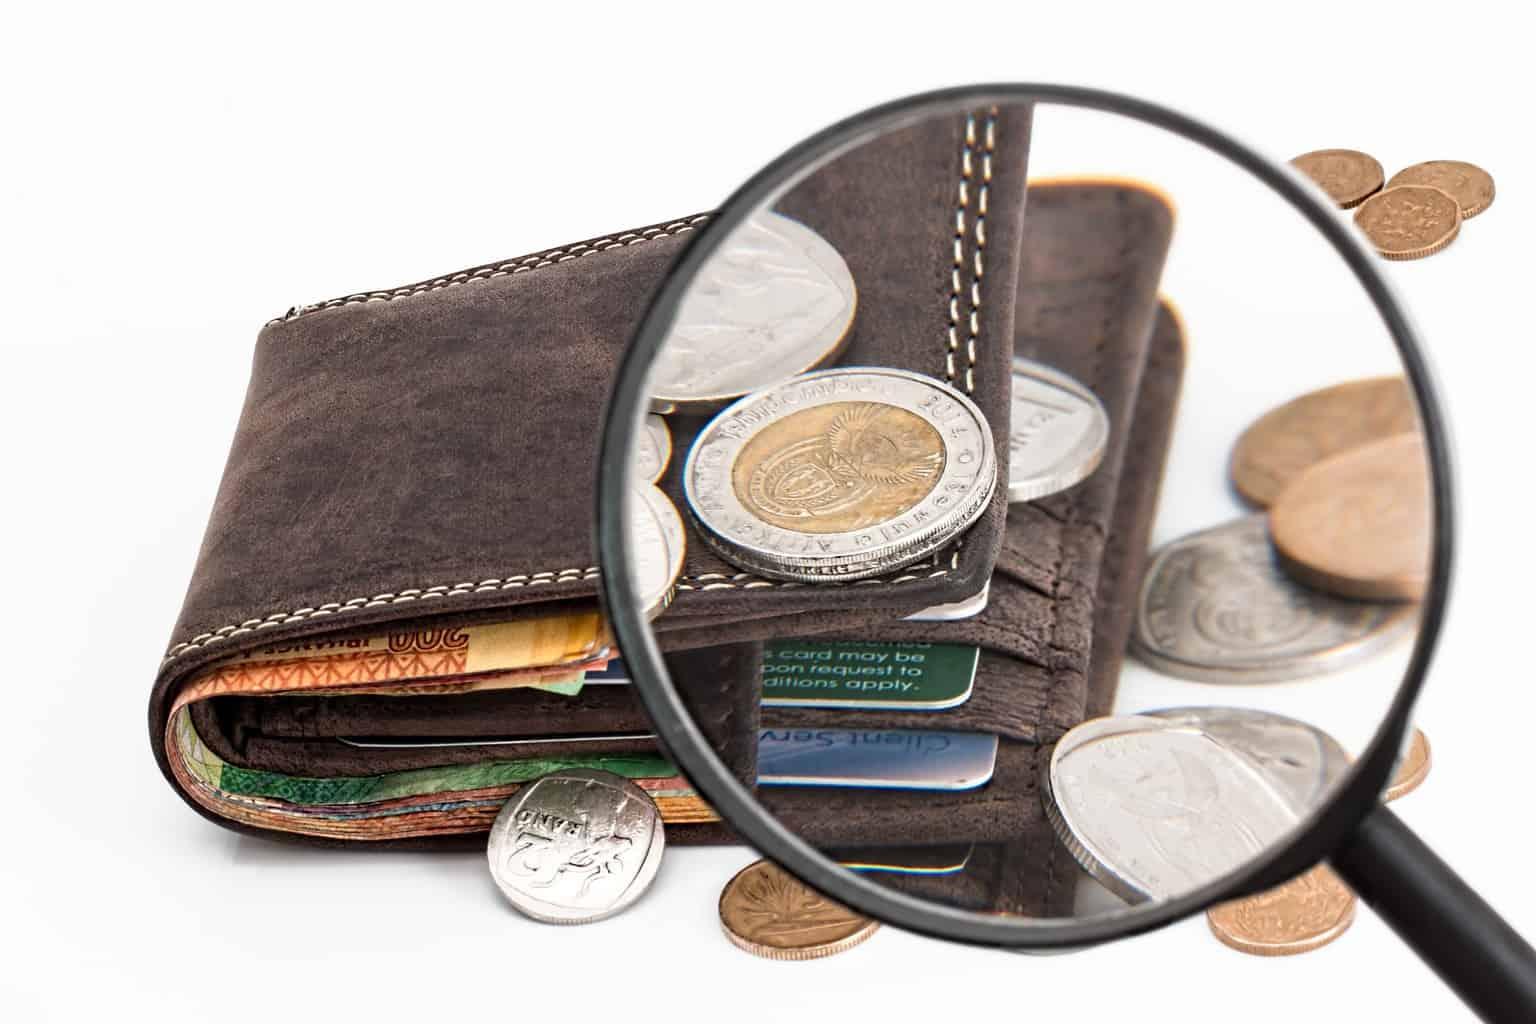 kostnader kredittkort